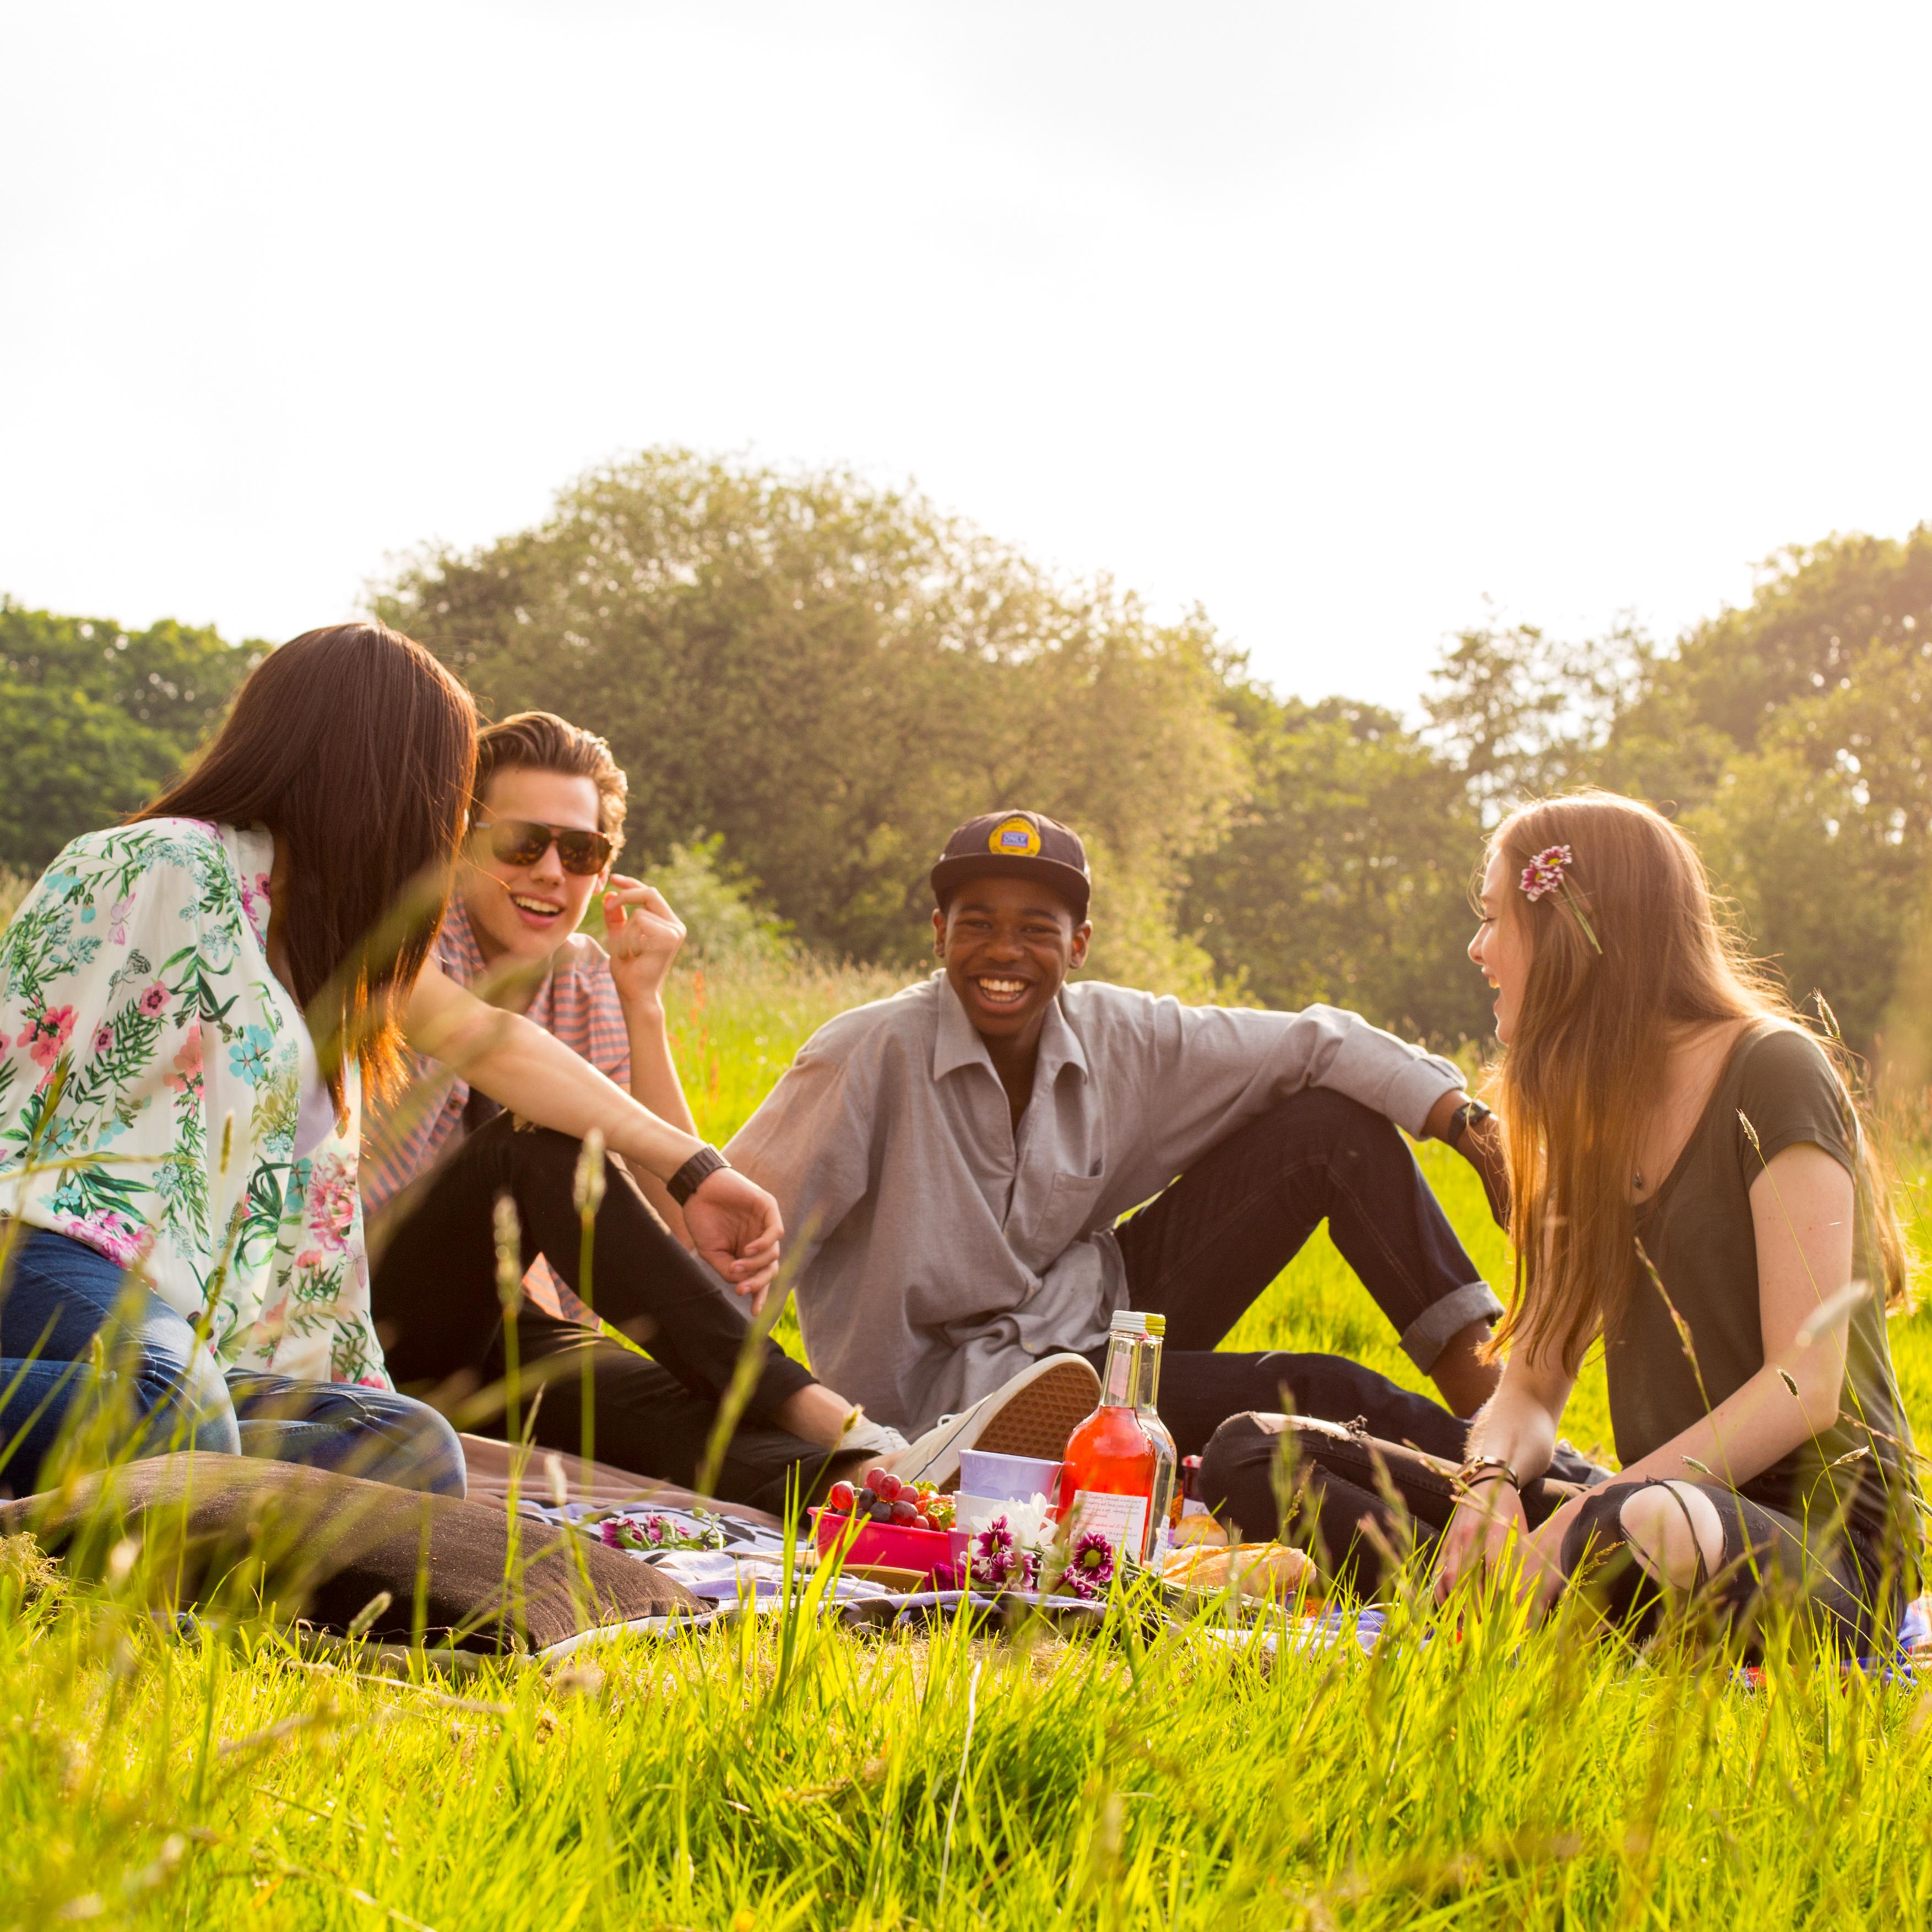 Picknick im Englischen Garten | Germany